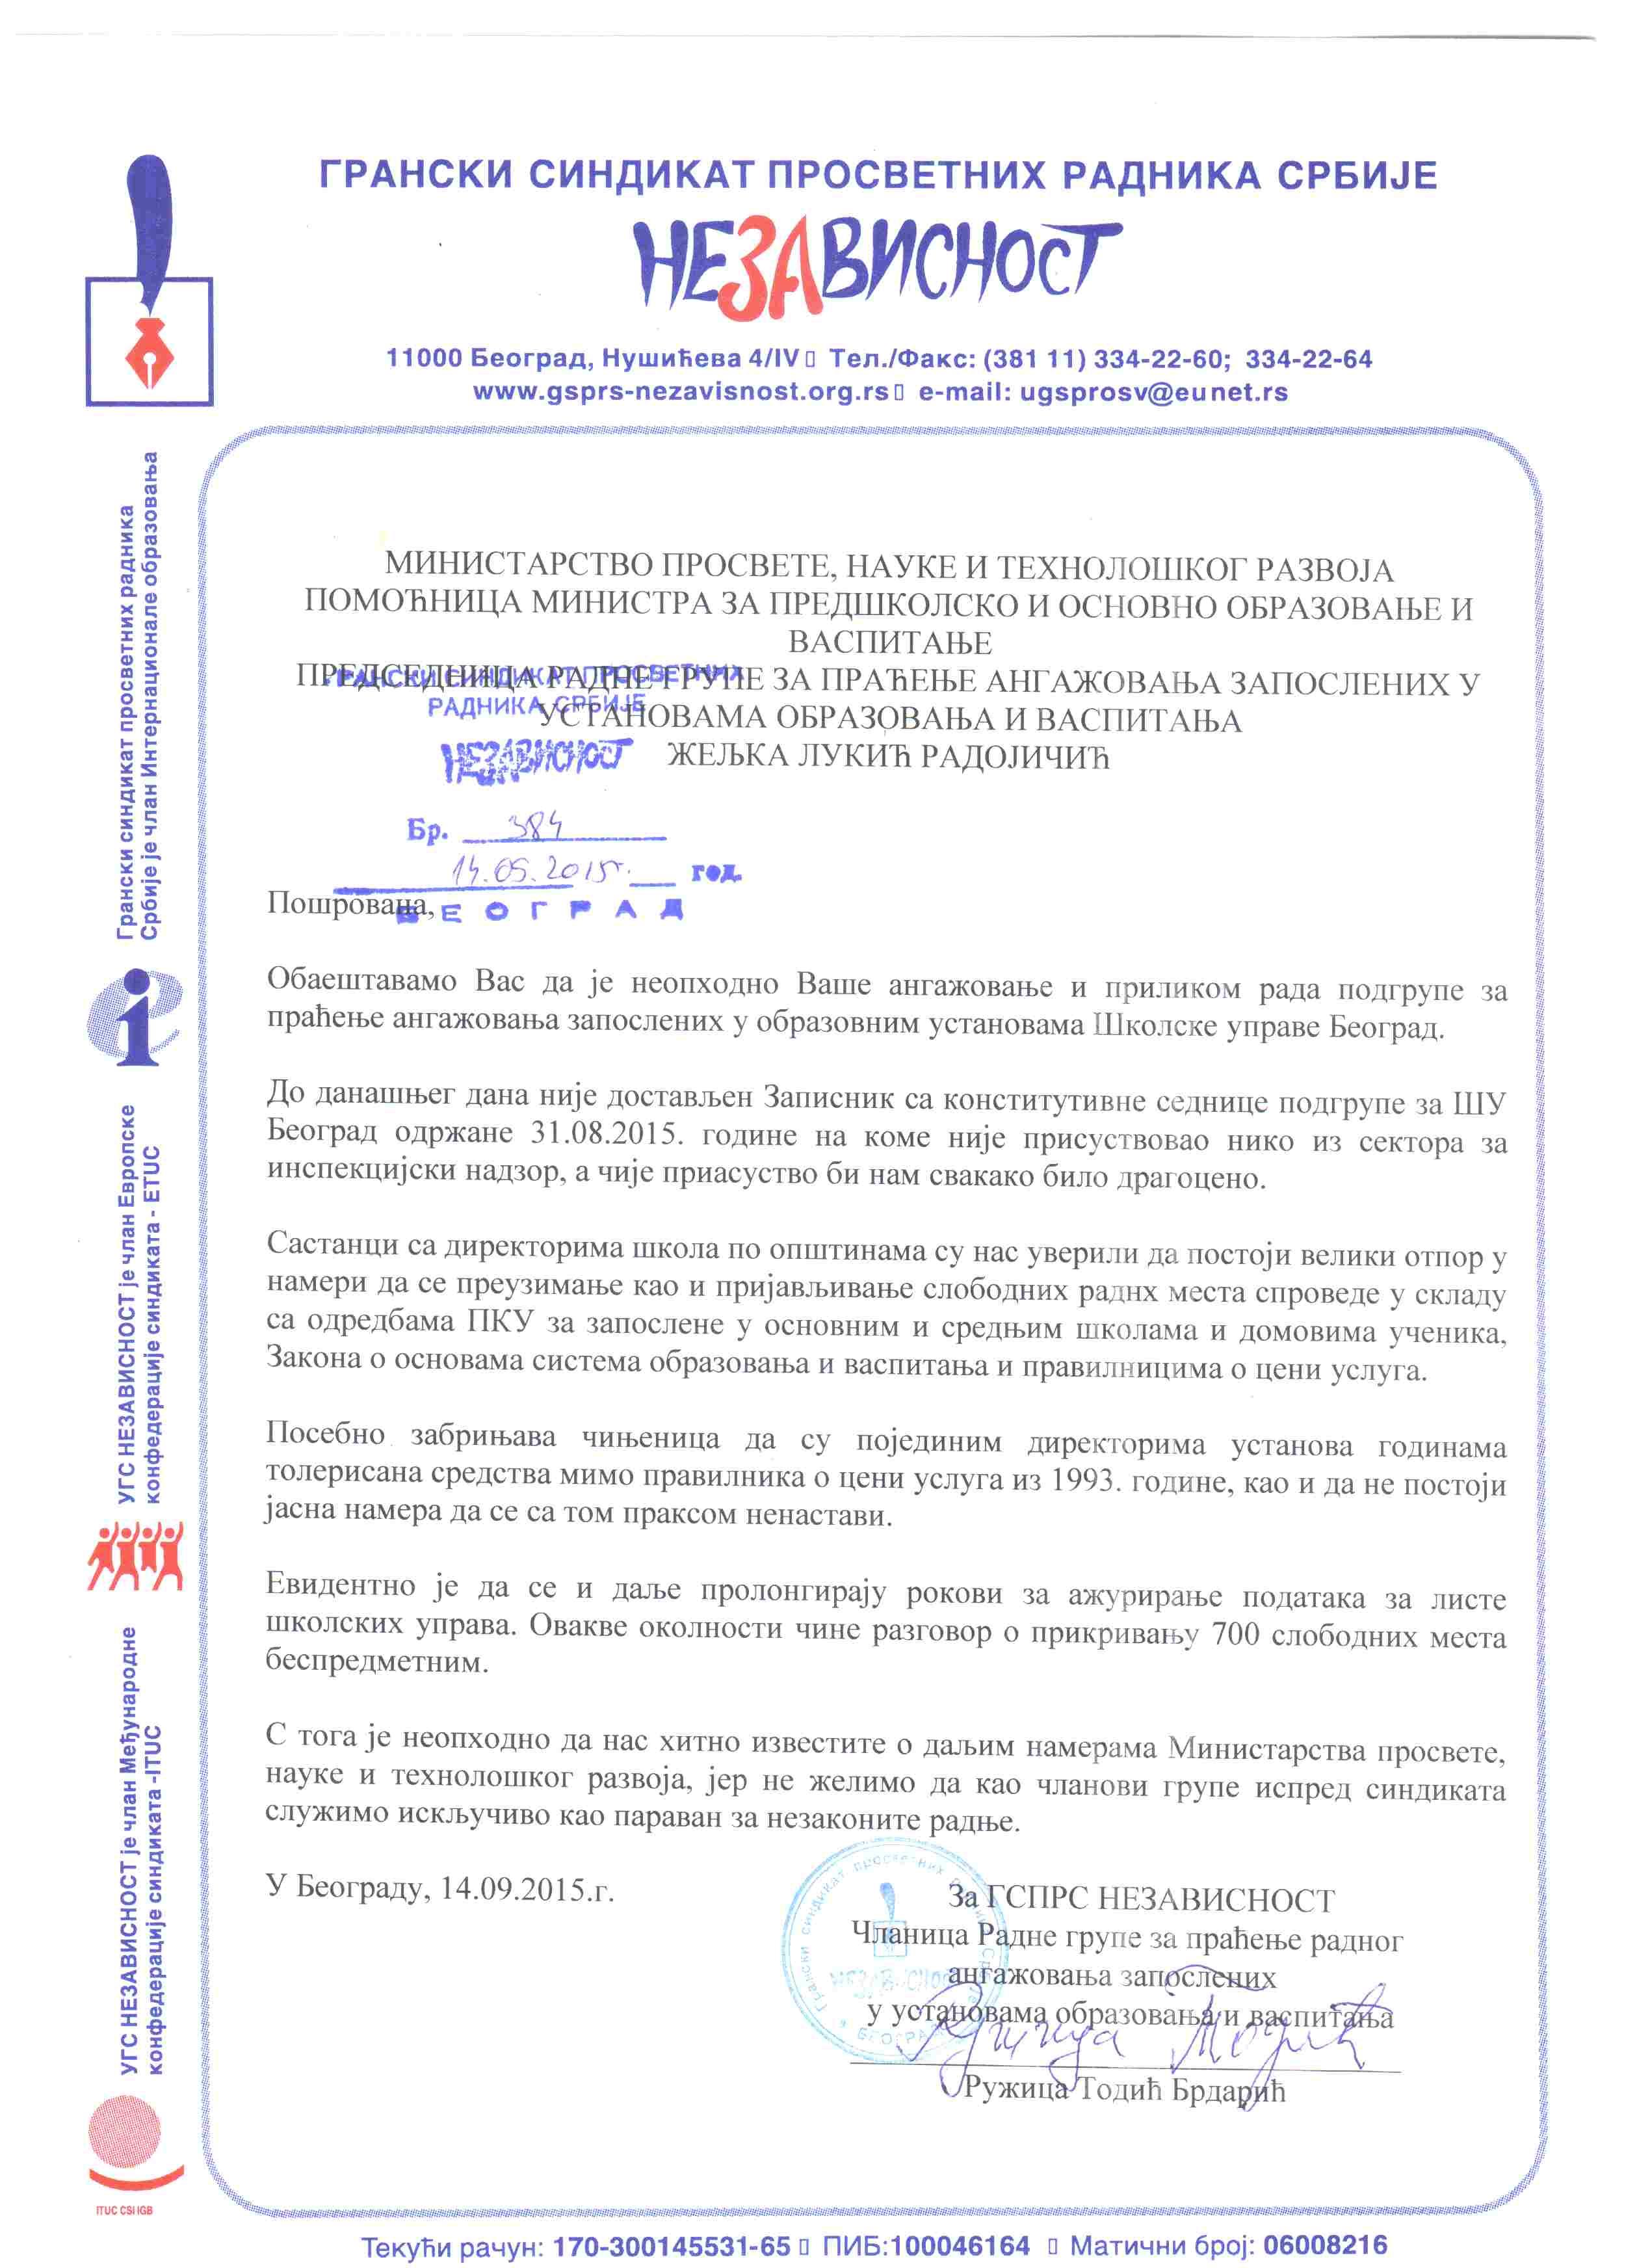 GSPRS NEZAVISNOST14.9.2015 14-38